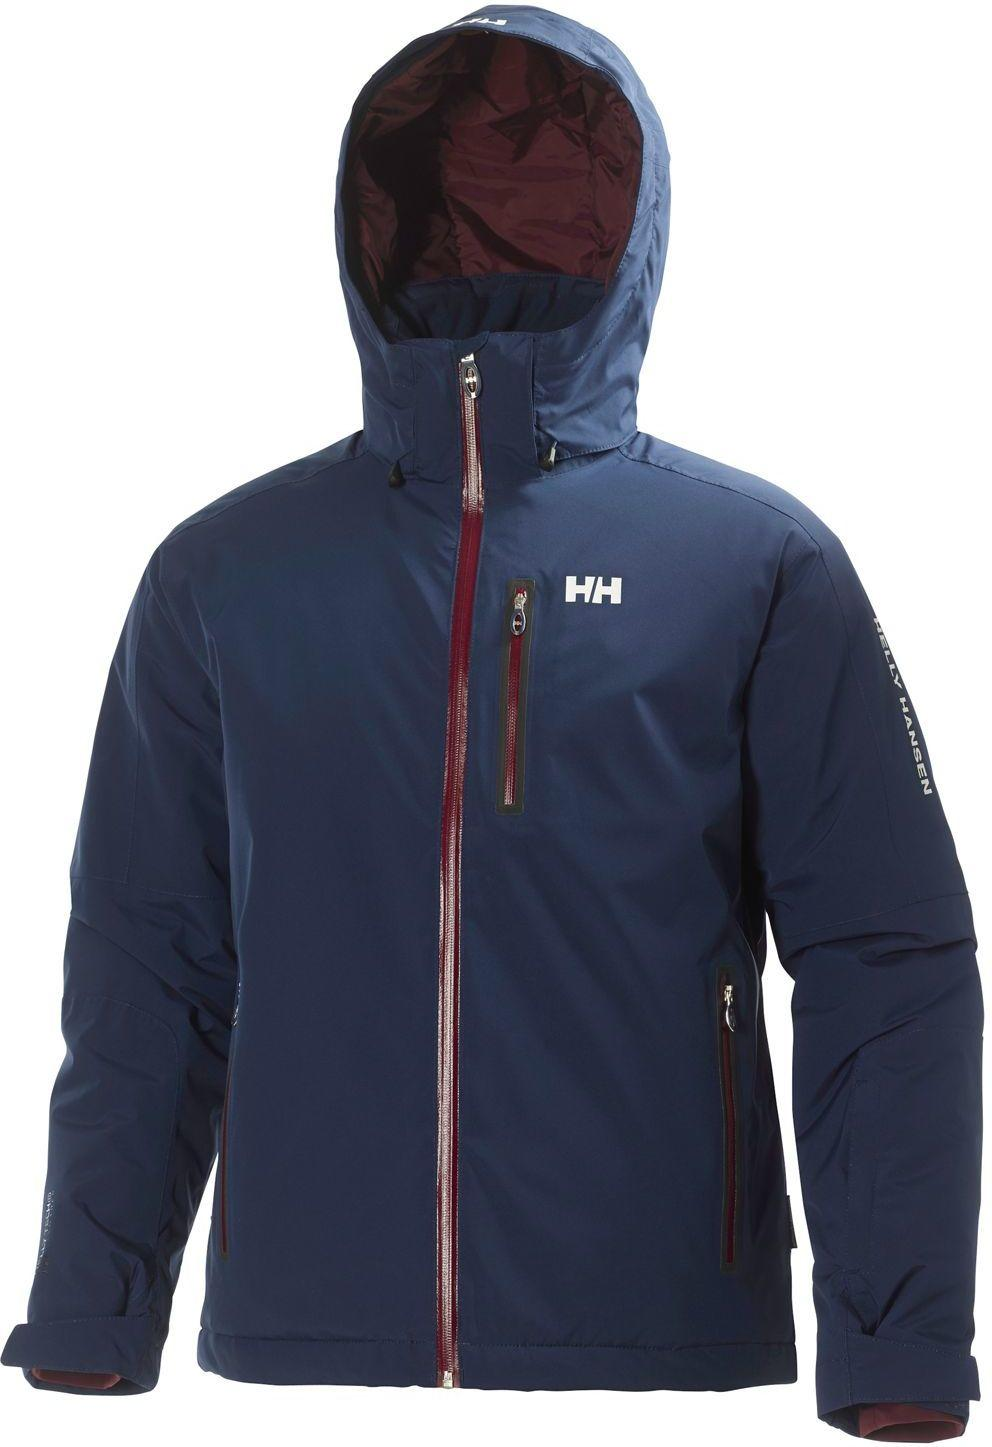 8b34aa42 Best pris på Helly Hansen Motion (Herre) - Se priser før kjøp i Prisguiden